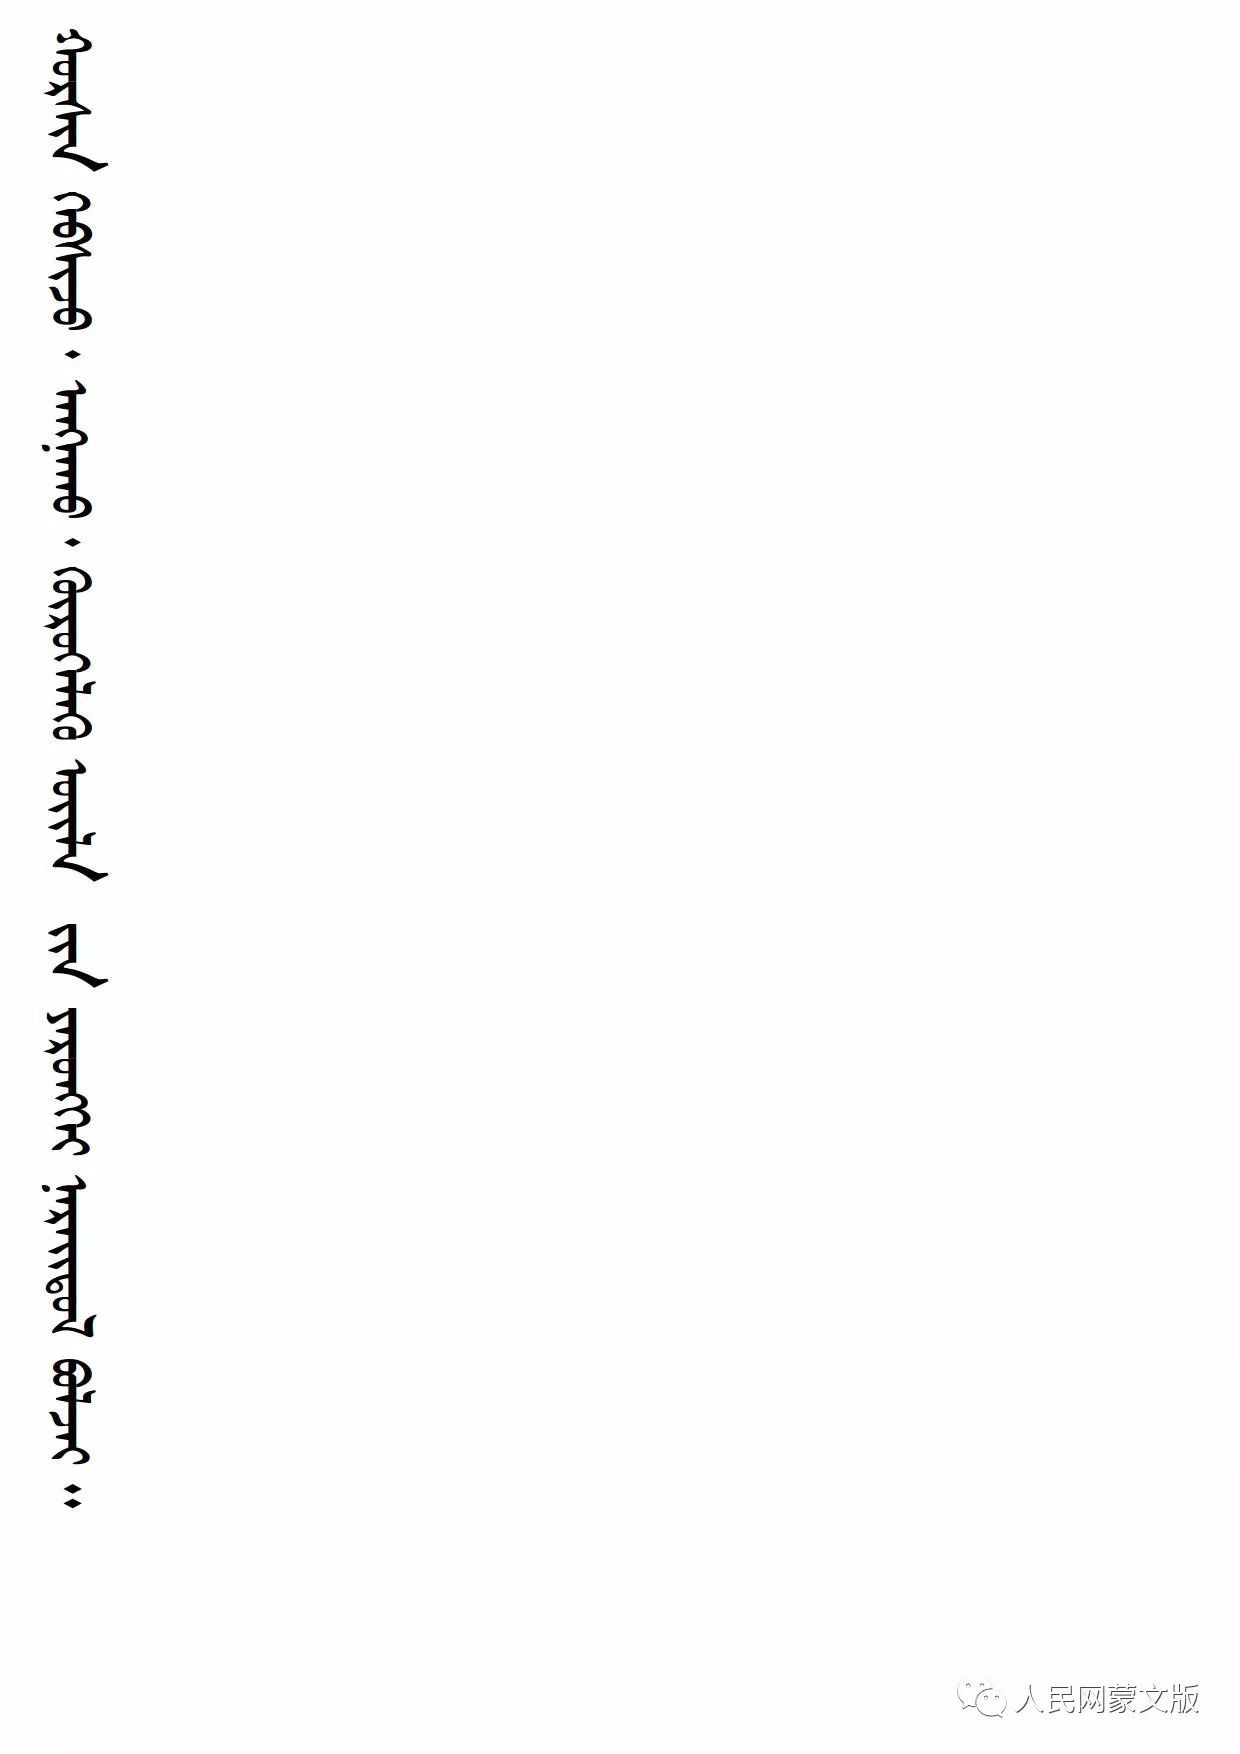 蒙古民俗探源 有关蒙古族狩猎的专有名词 第10张 蒙古民俗探源 有关蒙古族狩猎的专有名词 蒙古文库